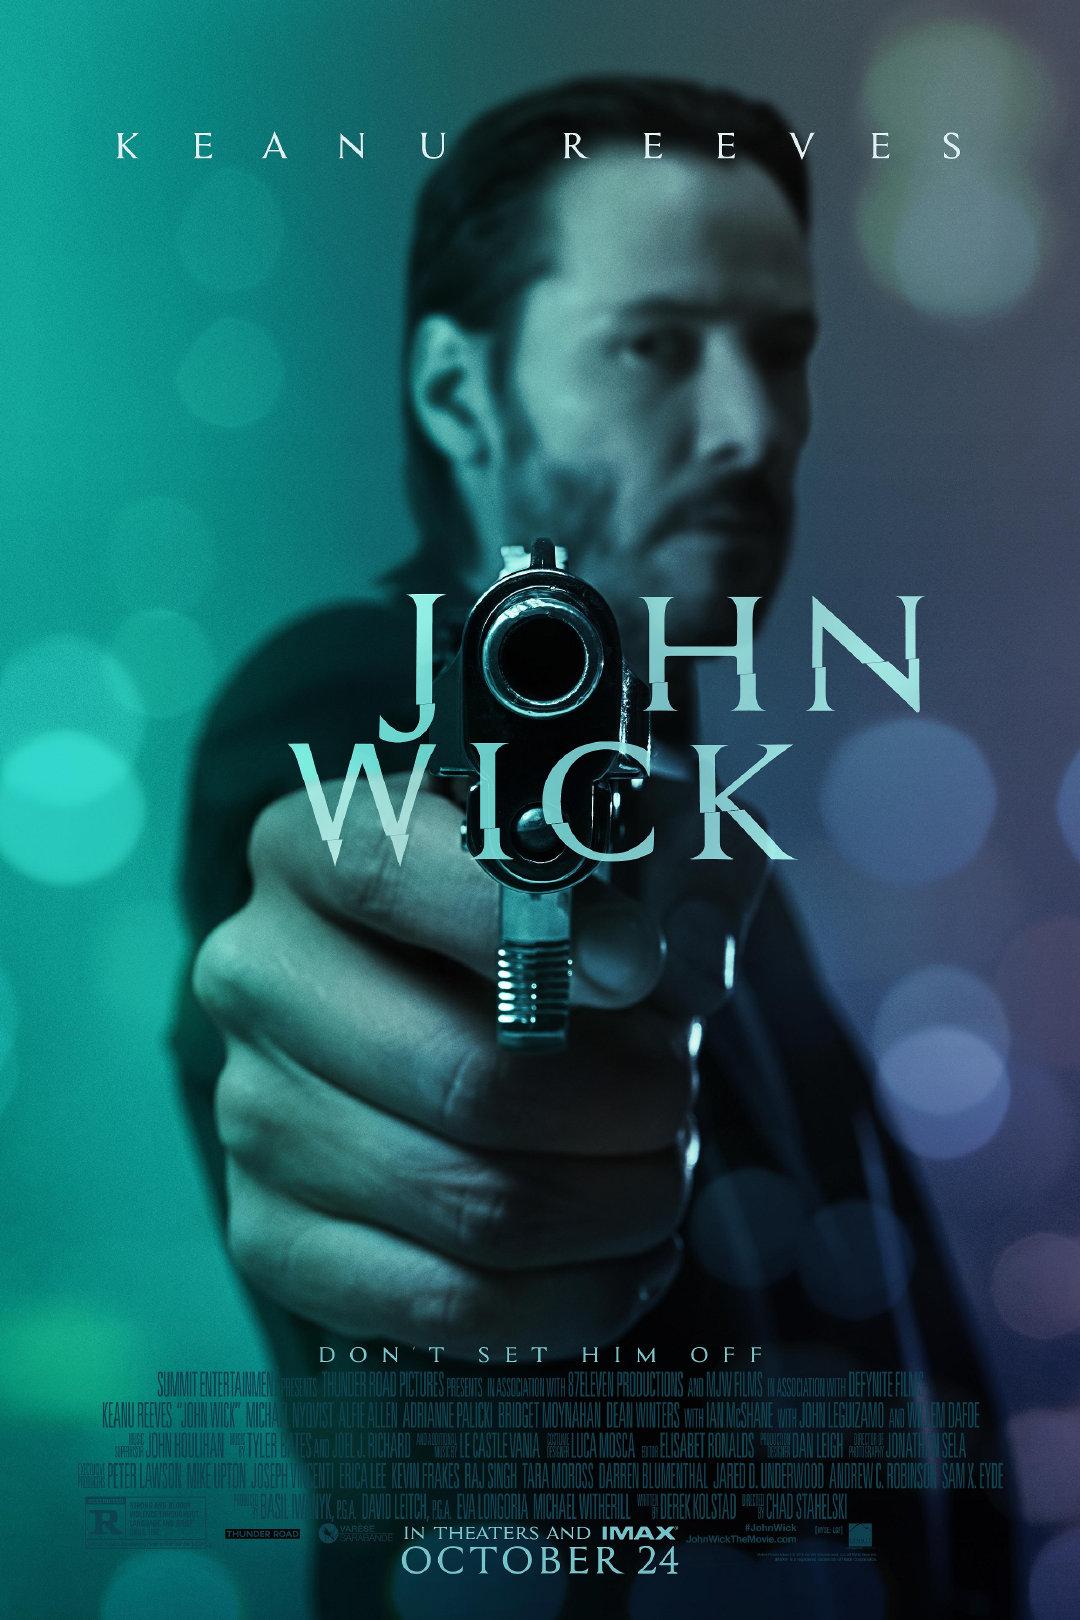 《疾速速追杀/John Wick》系列1-3部高清无删减资源 百度云下载图片 第1张